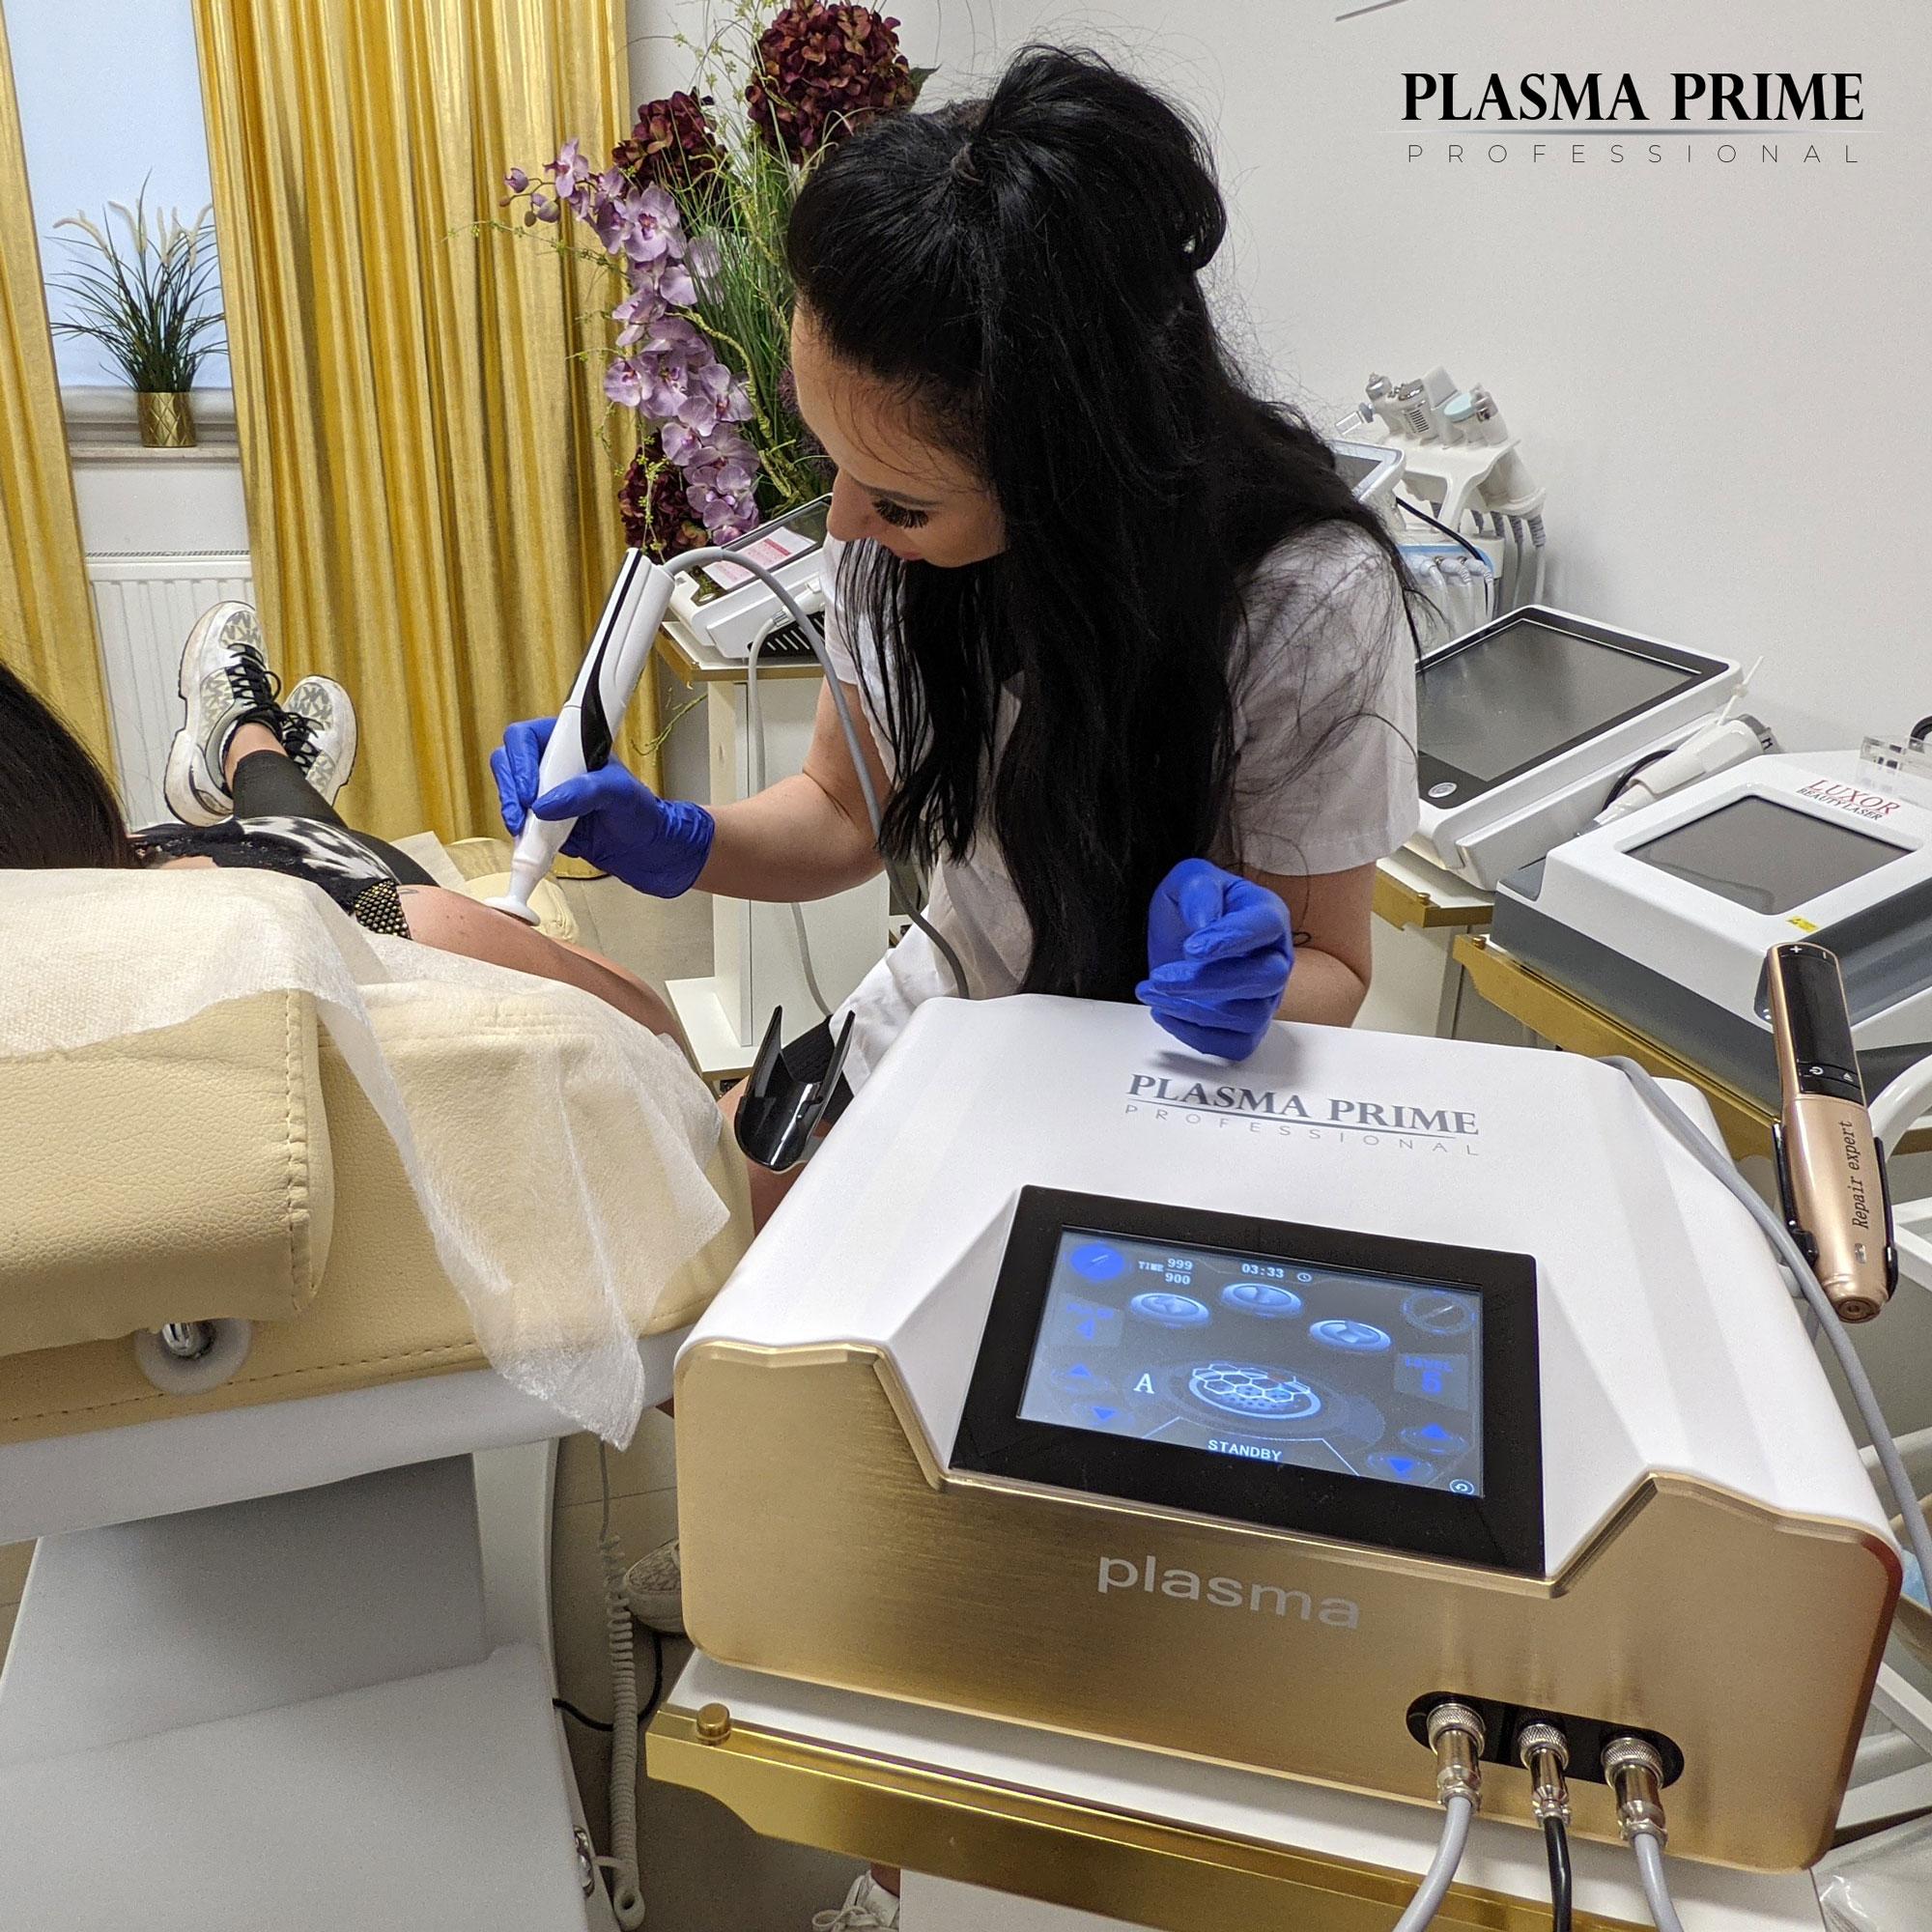 Rozszerzając ofertę o zabiegi z plazmą bedziesz w stanie zaproponować pacjentom profesjonalną blefaroplastykę powiek